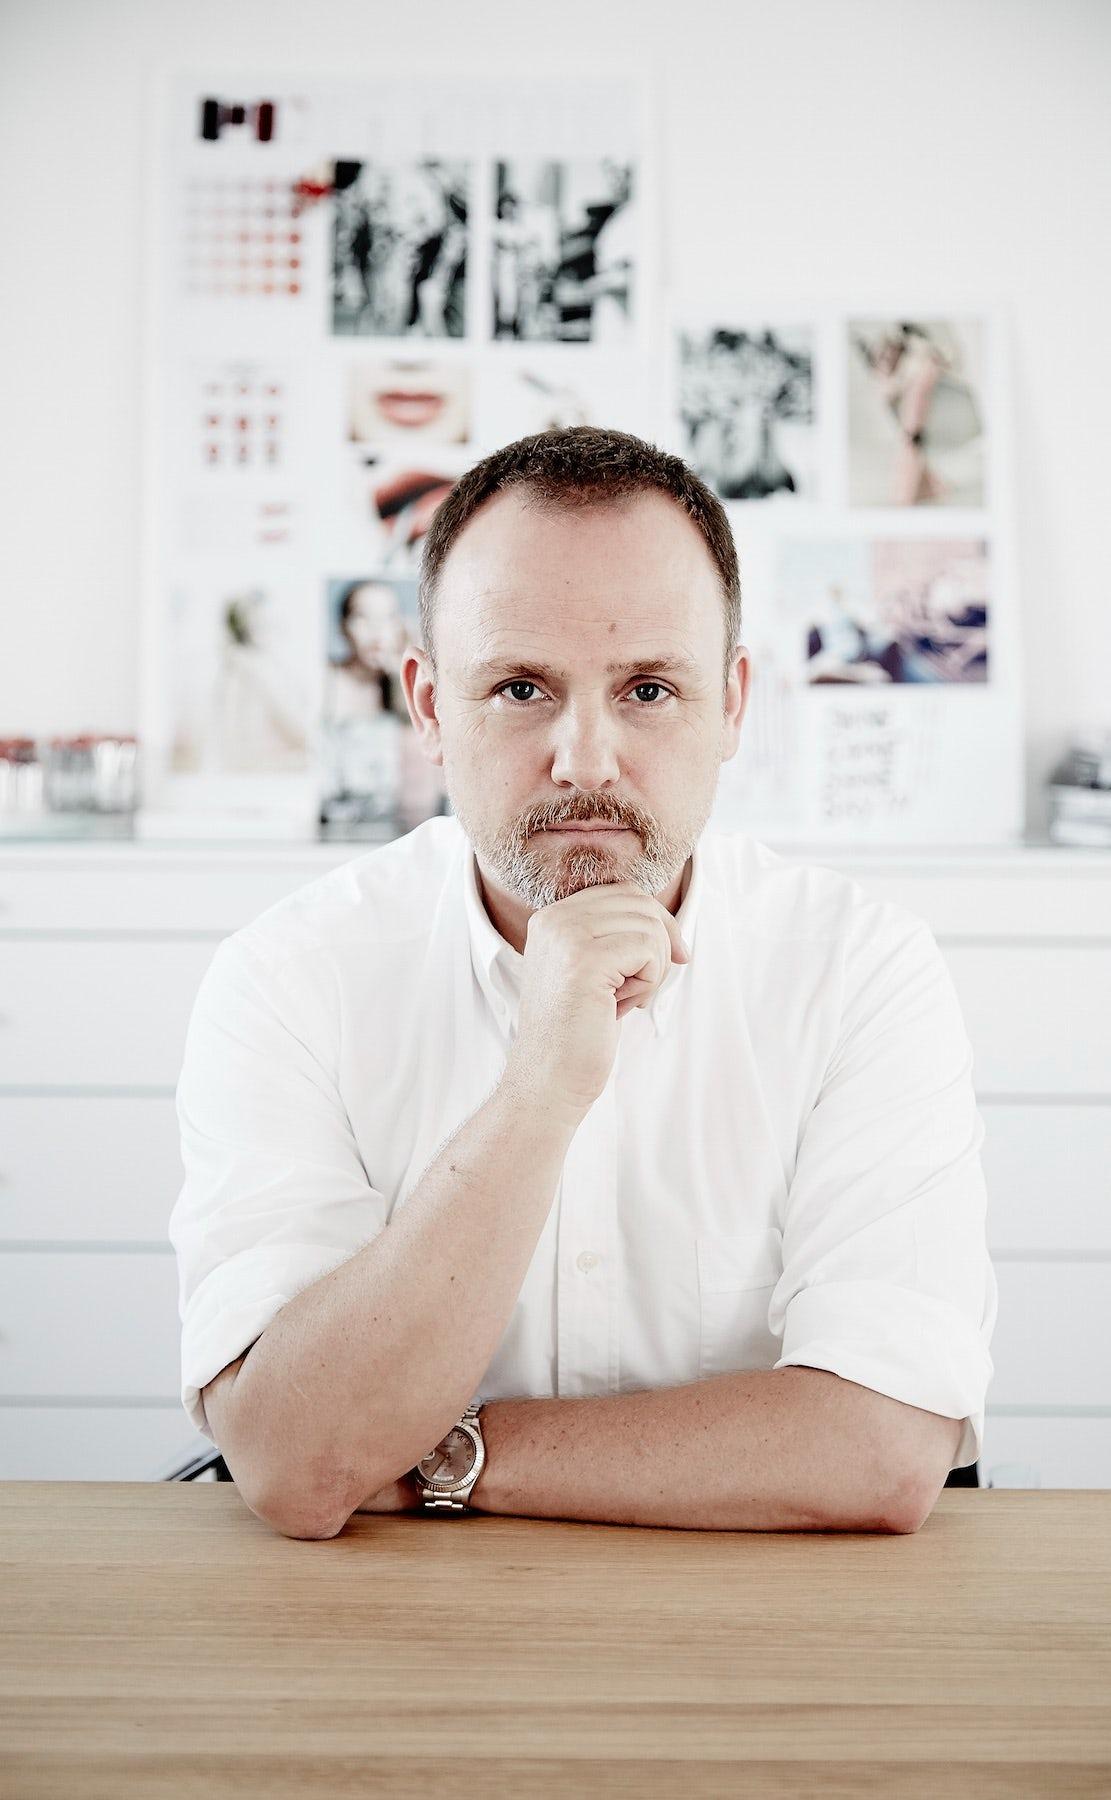 Peter Philips | Photo: Fernando Pinheiro for BoF